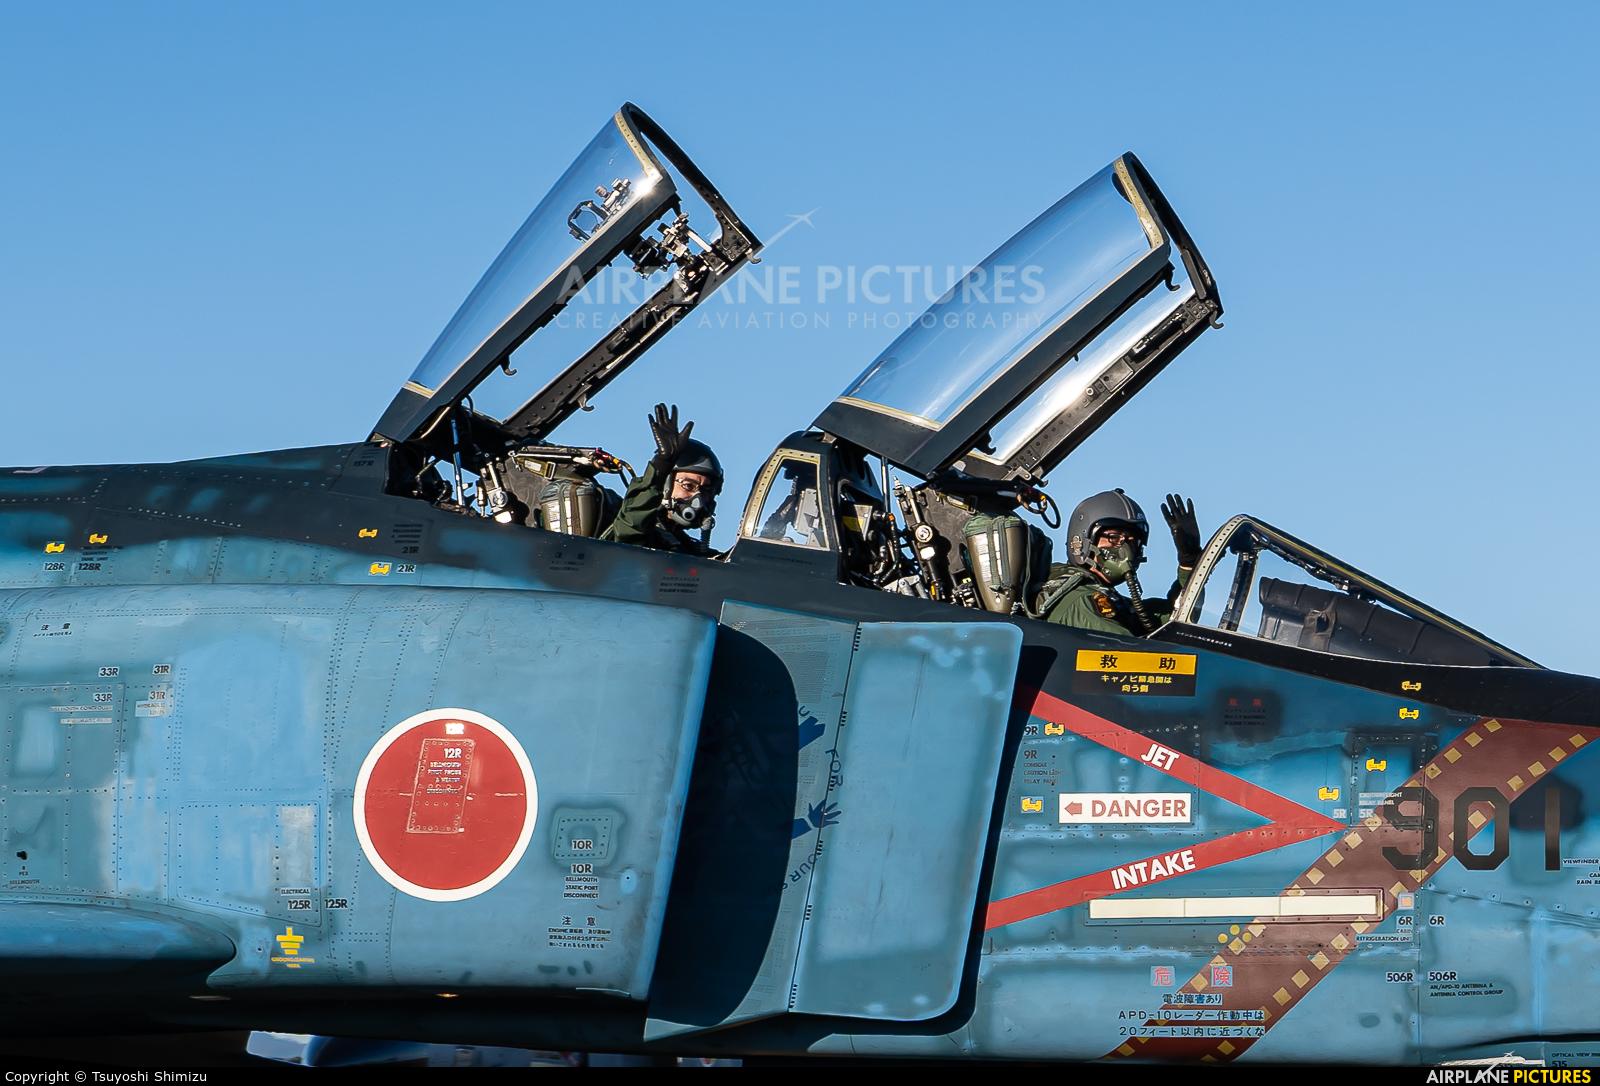 Japan - Air Self Defence Force 47-8901 aircraft at Ibaraki - Hyakuri AB